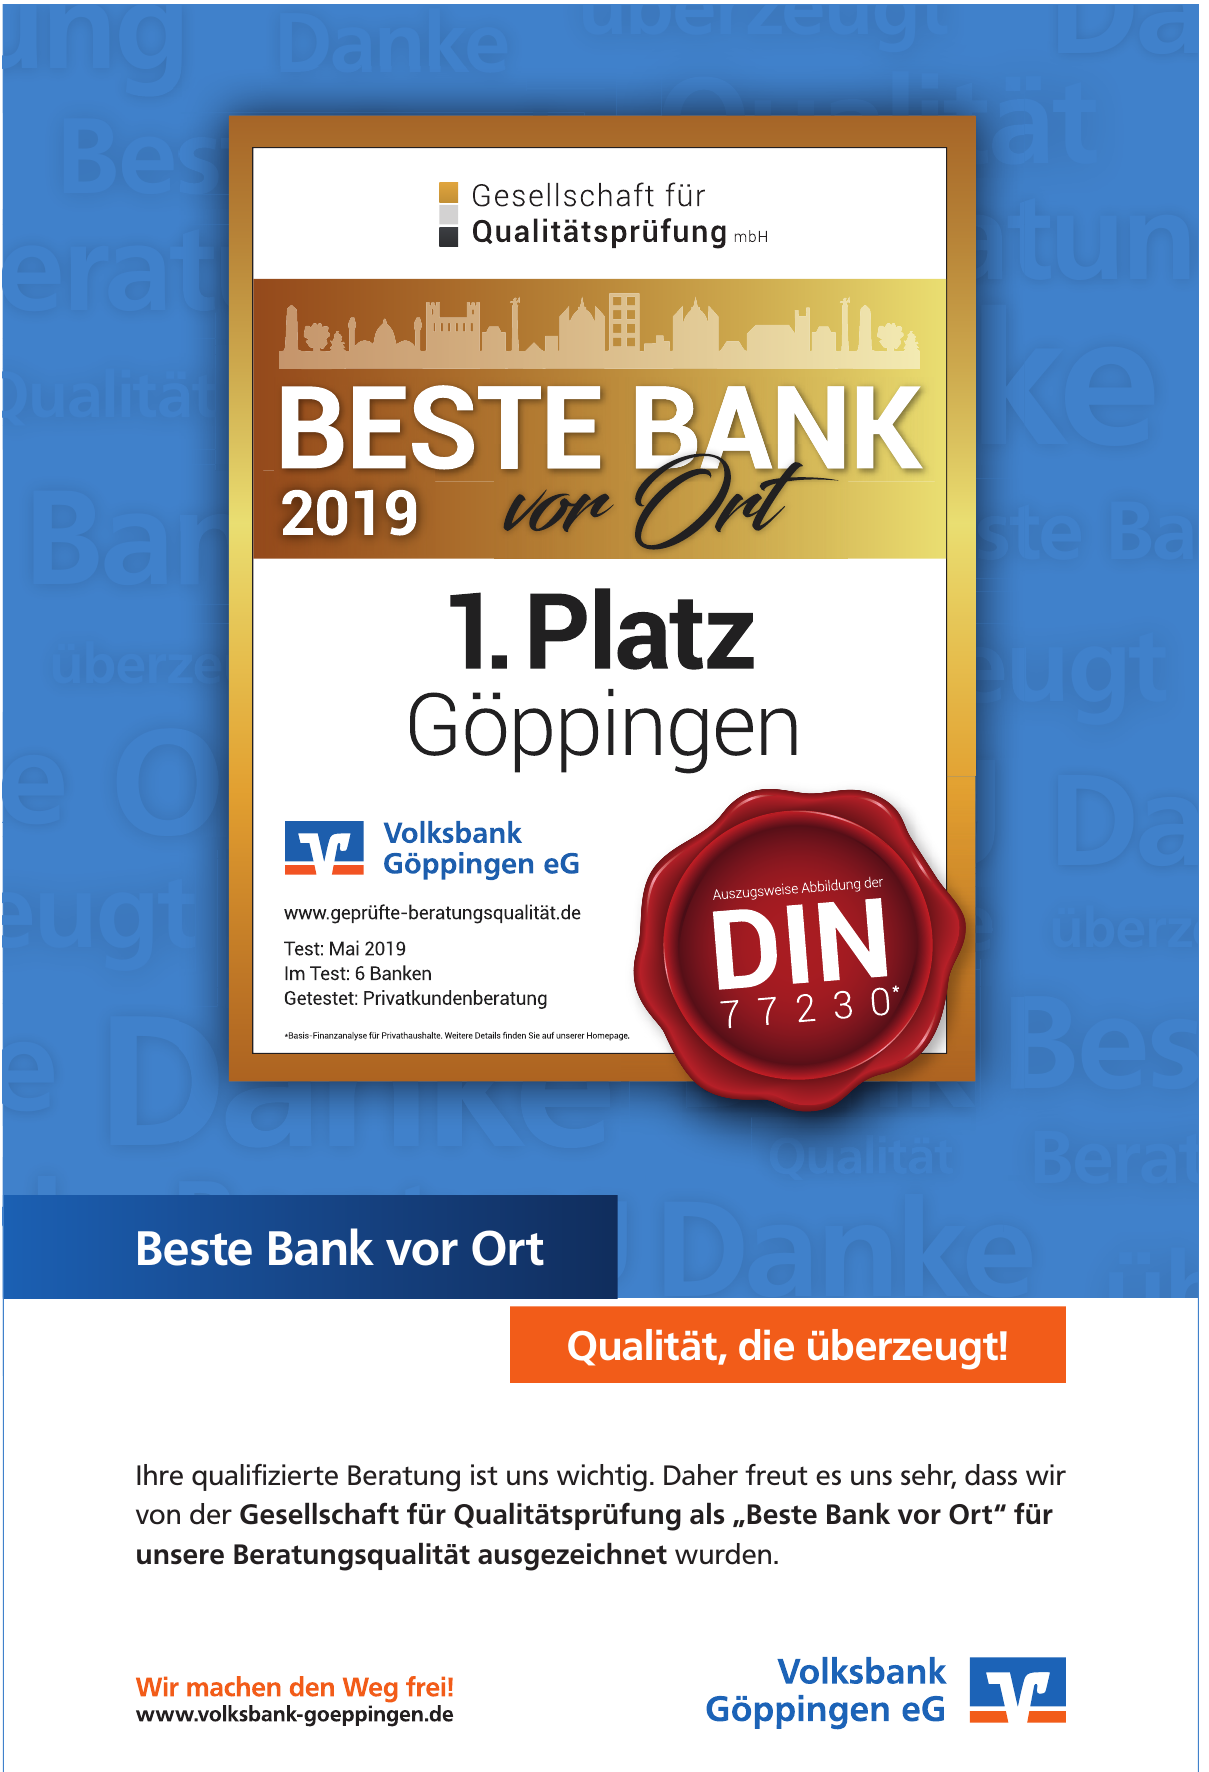 Volksbank Göppingen eG